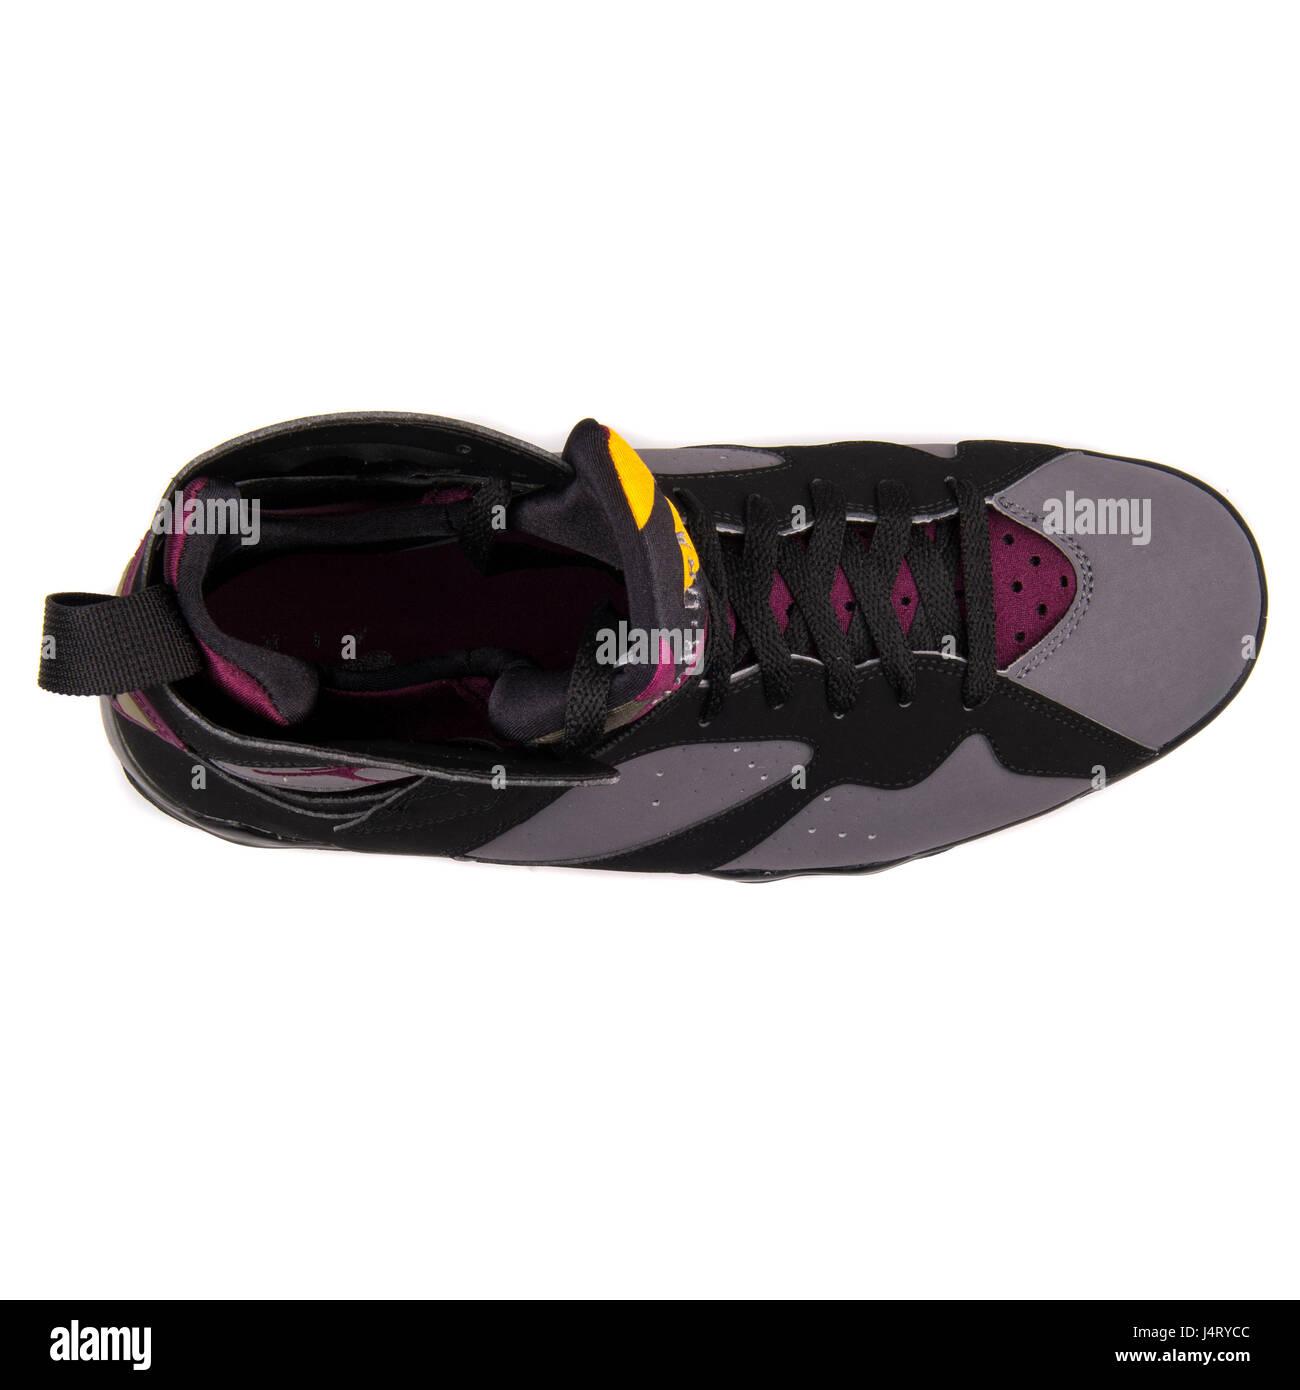 new product 9c637 a8ed0 Nike Air Jordan 7 Retro Black Graphite Sneakers - 304775-034 - Stock Image